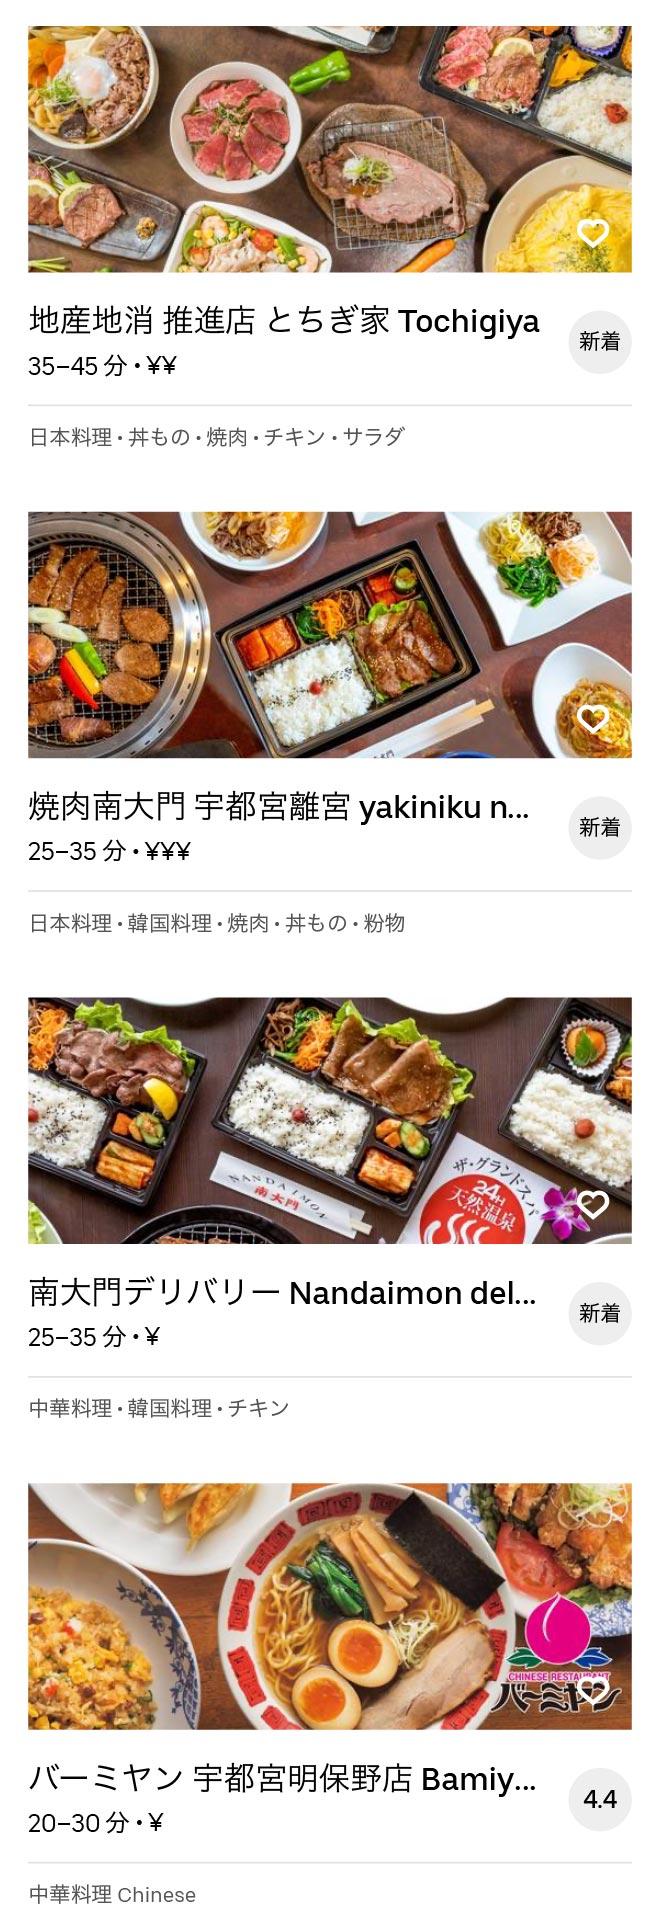 Tobu utsunomiya menu 200603